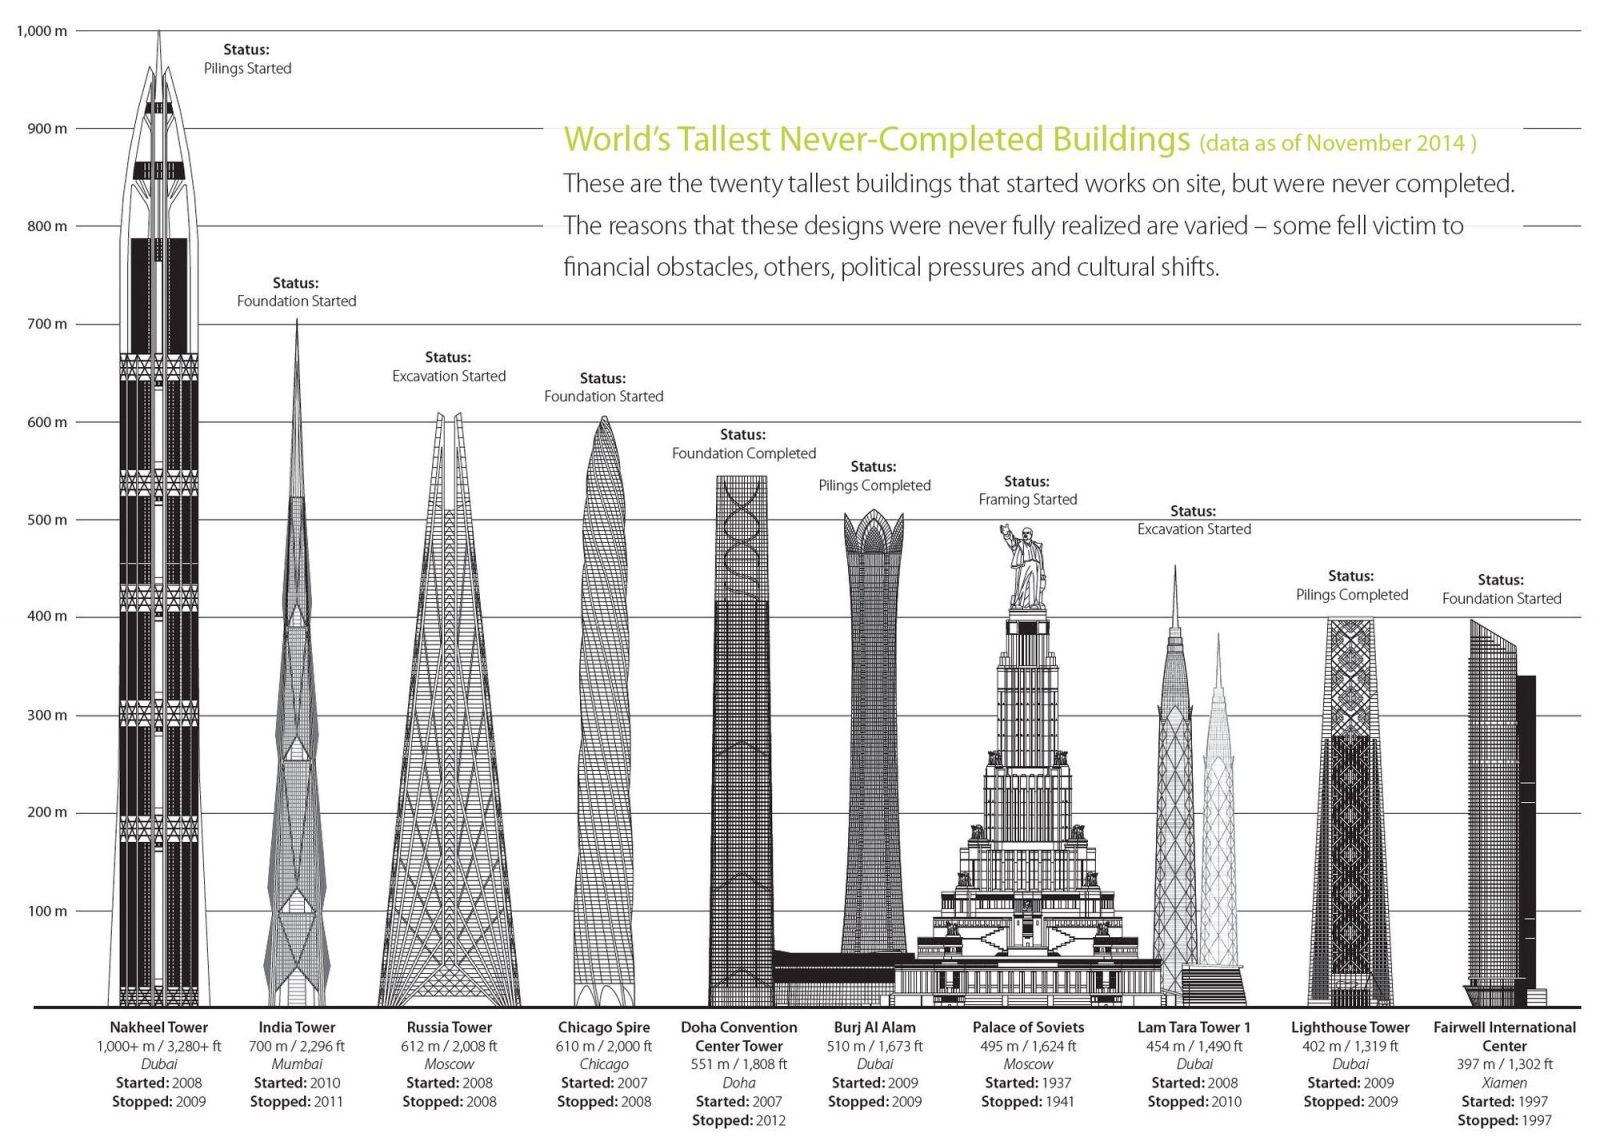 10 tòa nhà dang dở sẽ dành vị trí cao nhất thế giới nếu được hoàn thành